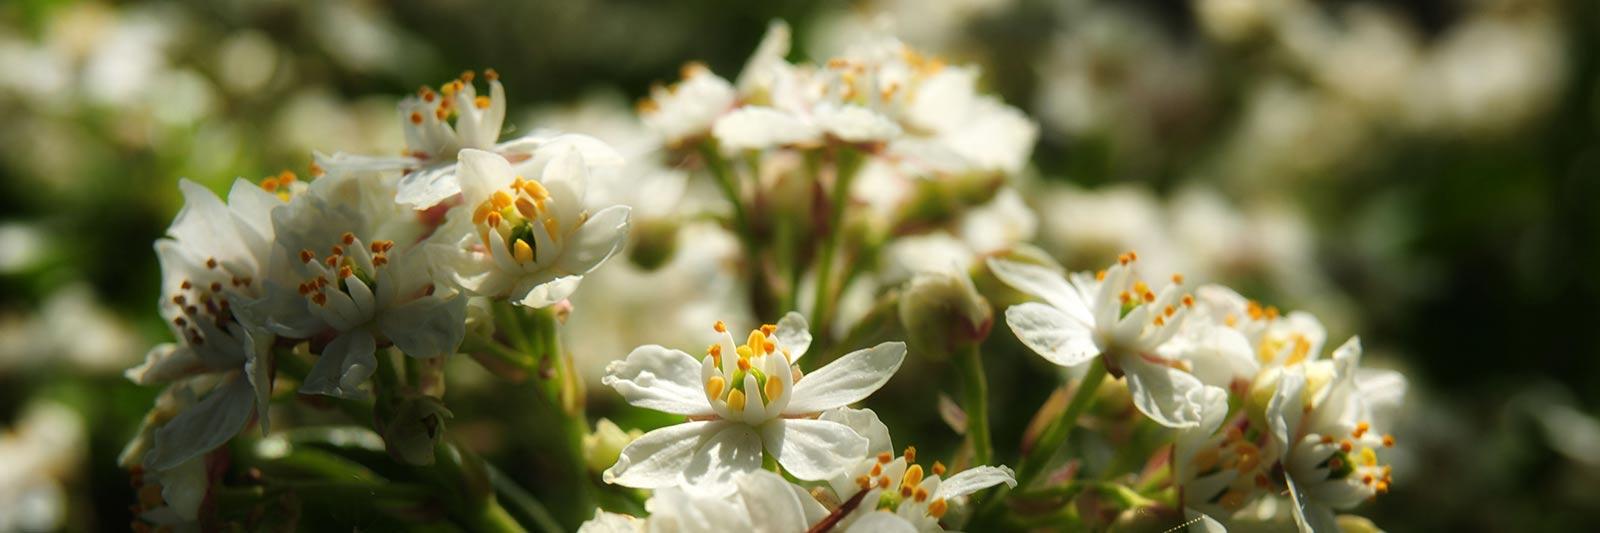 Le printemps est arrivé Bannière